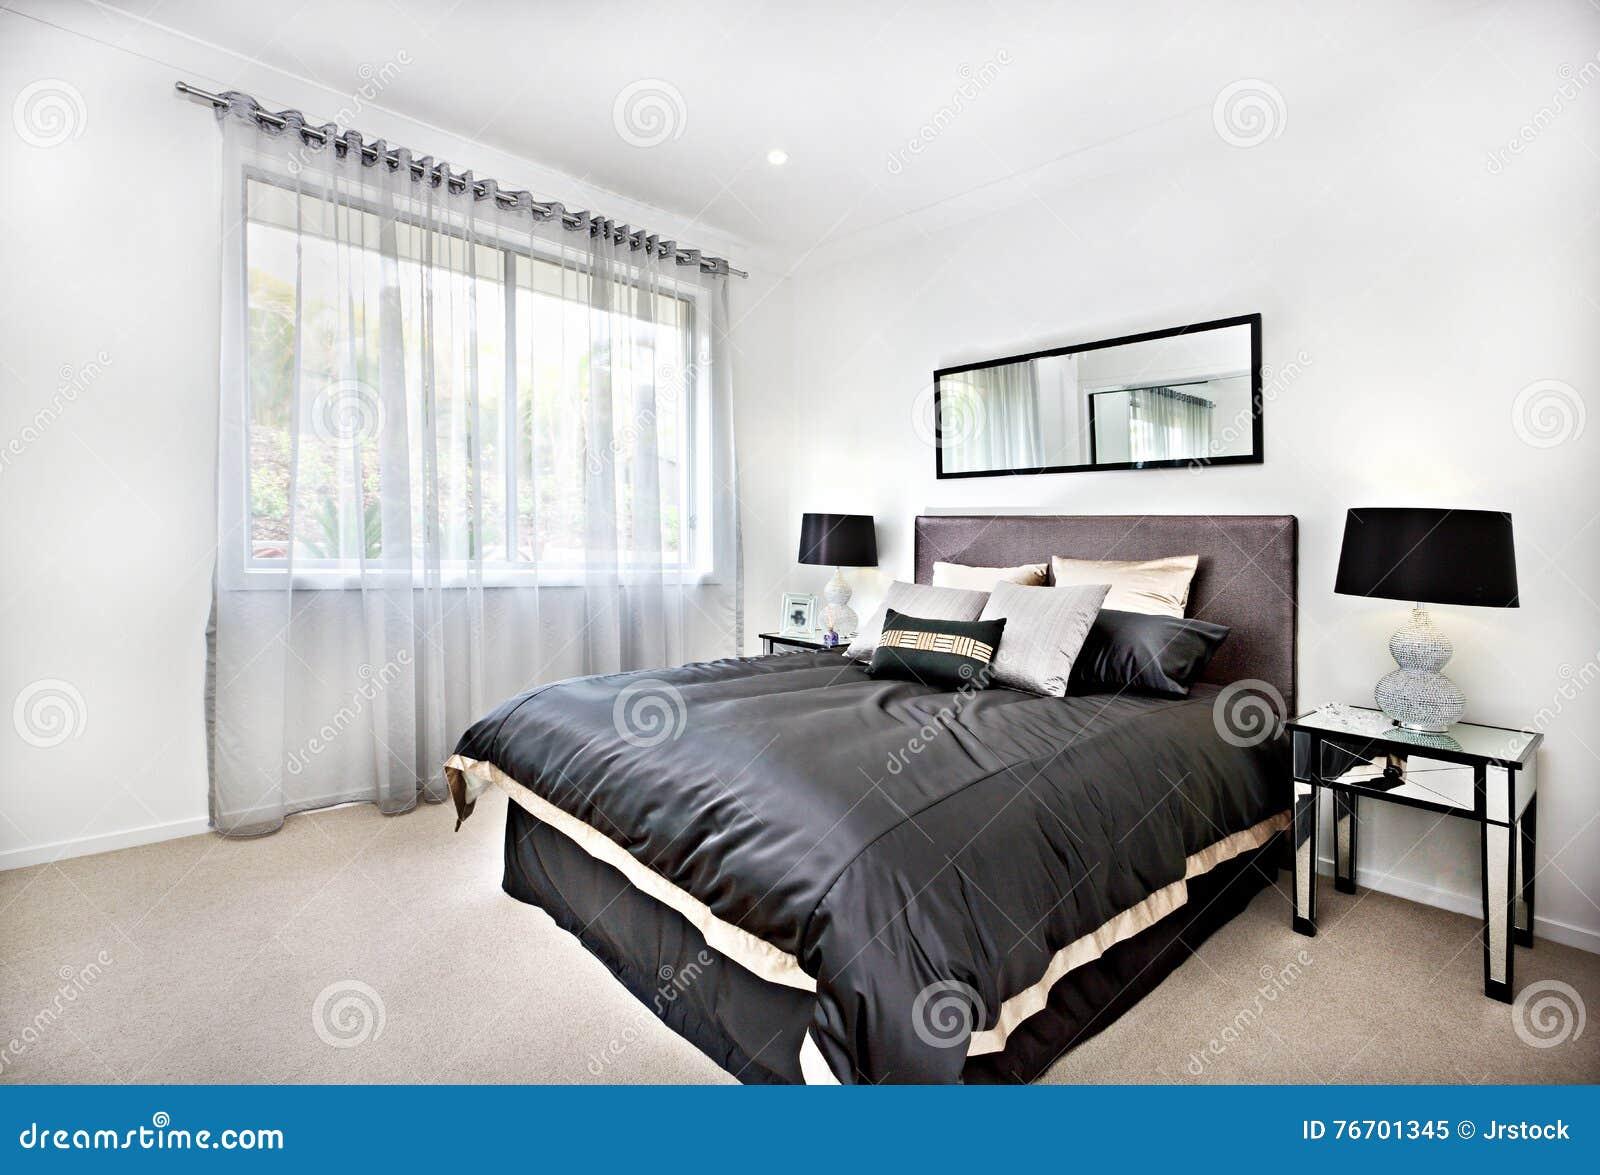 Modernes Schlafzimmer Mit Schwarzer Dekoration Und Spiegel Neben Lampen Stockbild Bild Von Schwarzer Spiegel 76701345